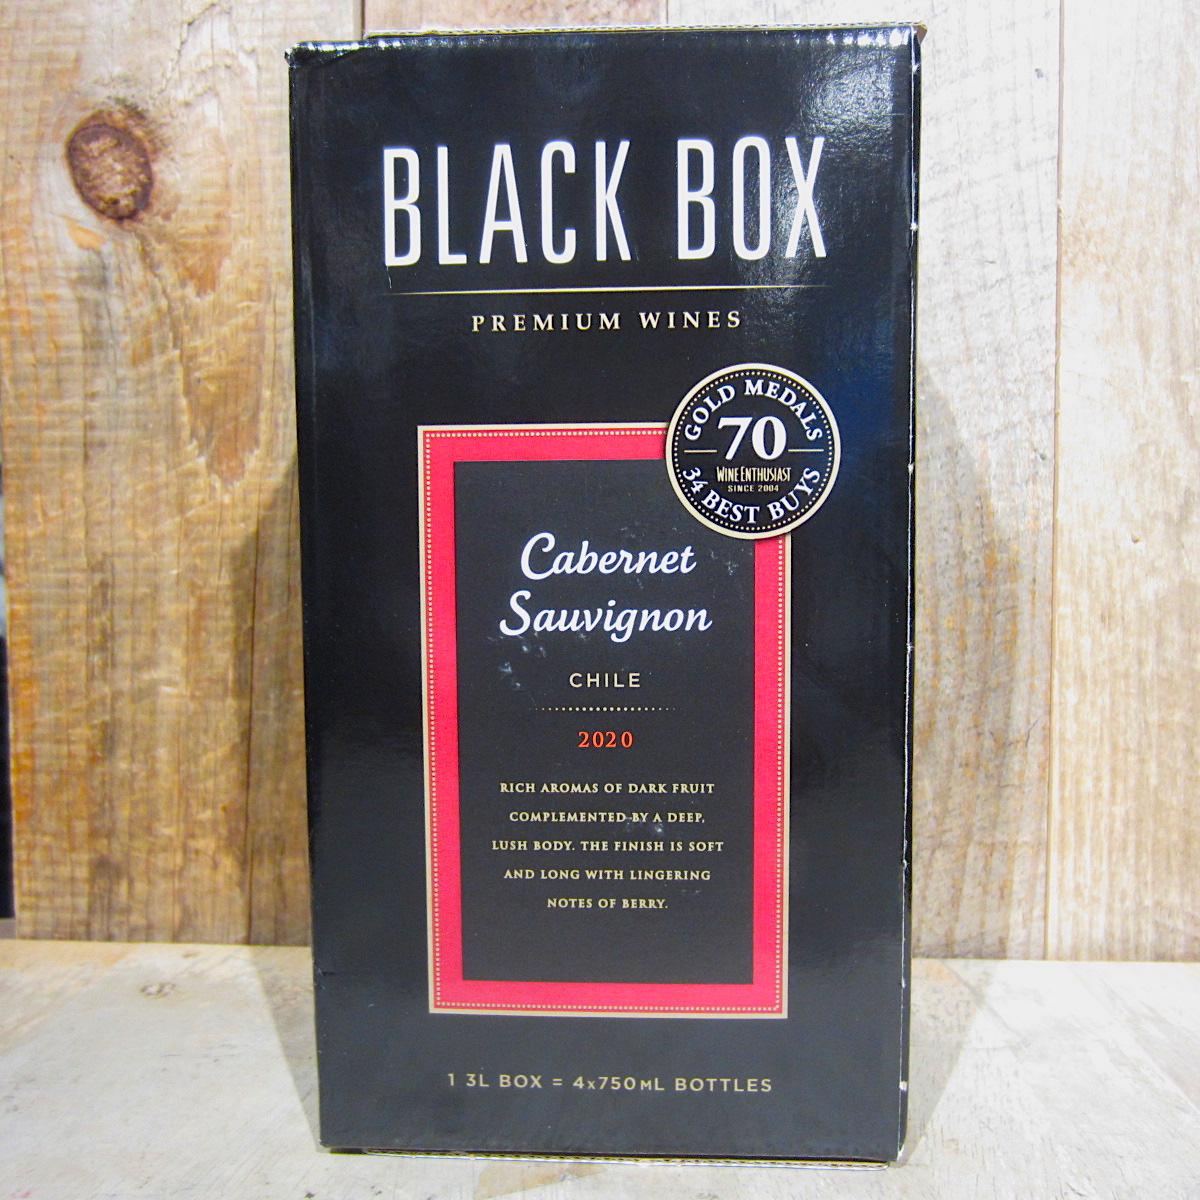 Black Box Cabernet Sauvignon Box 3L